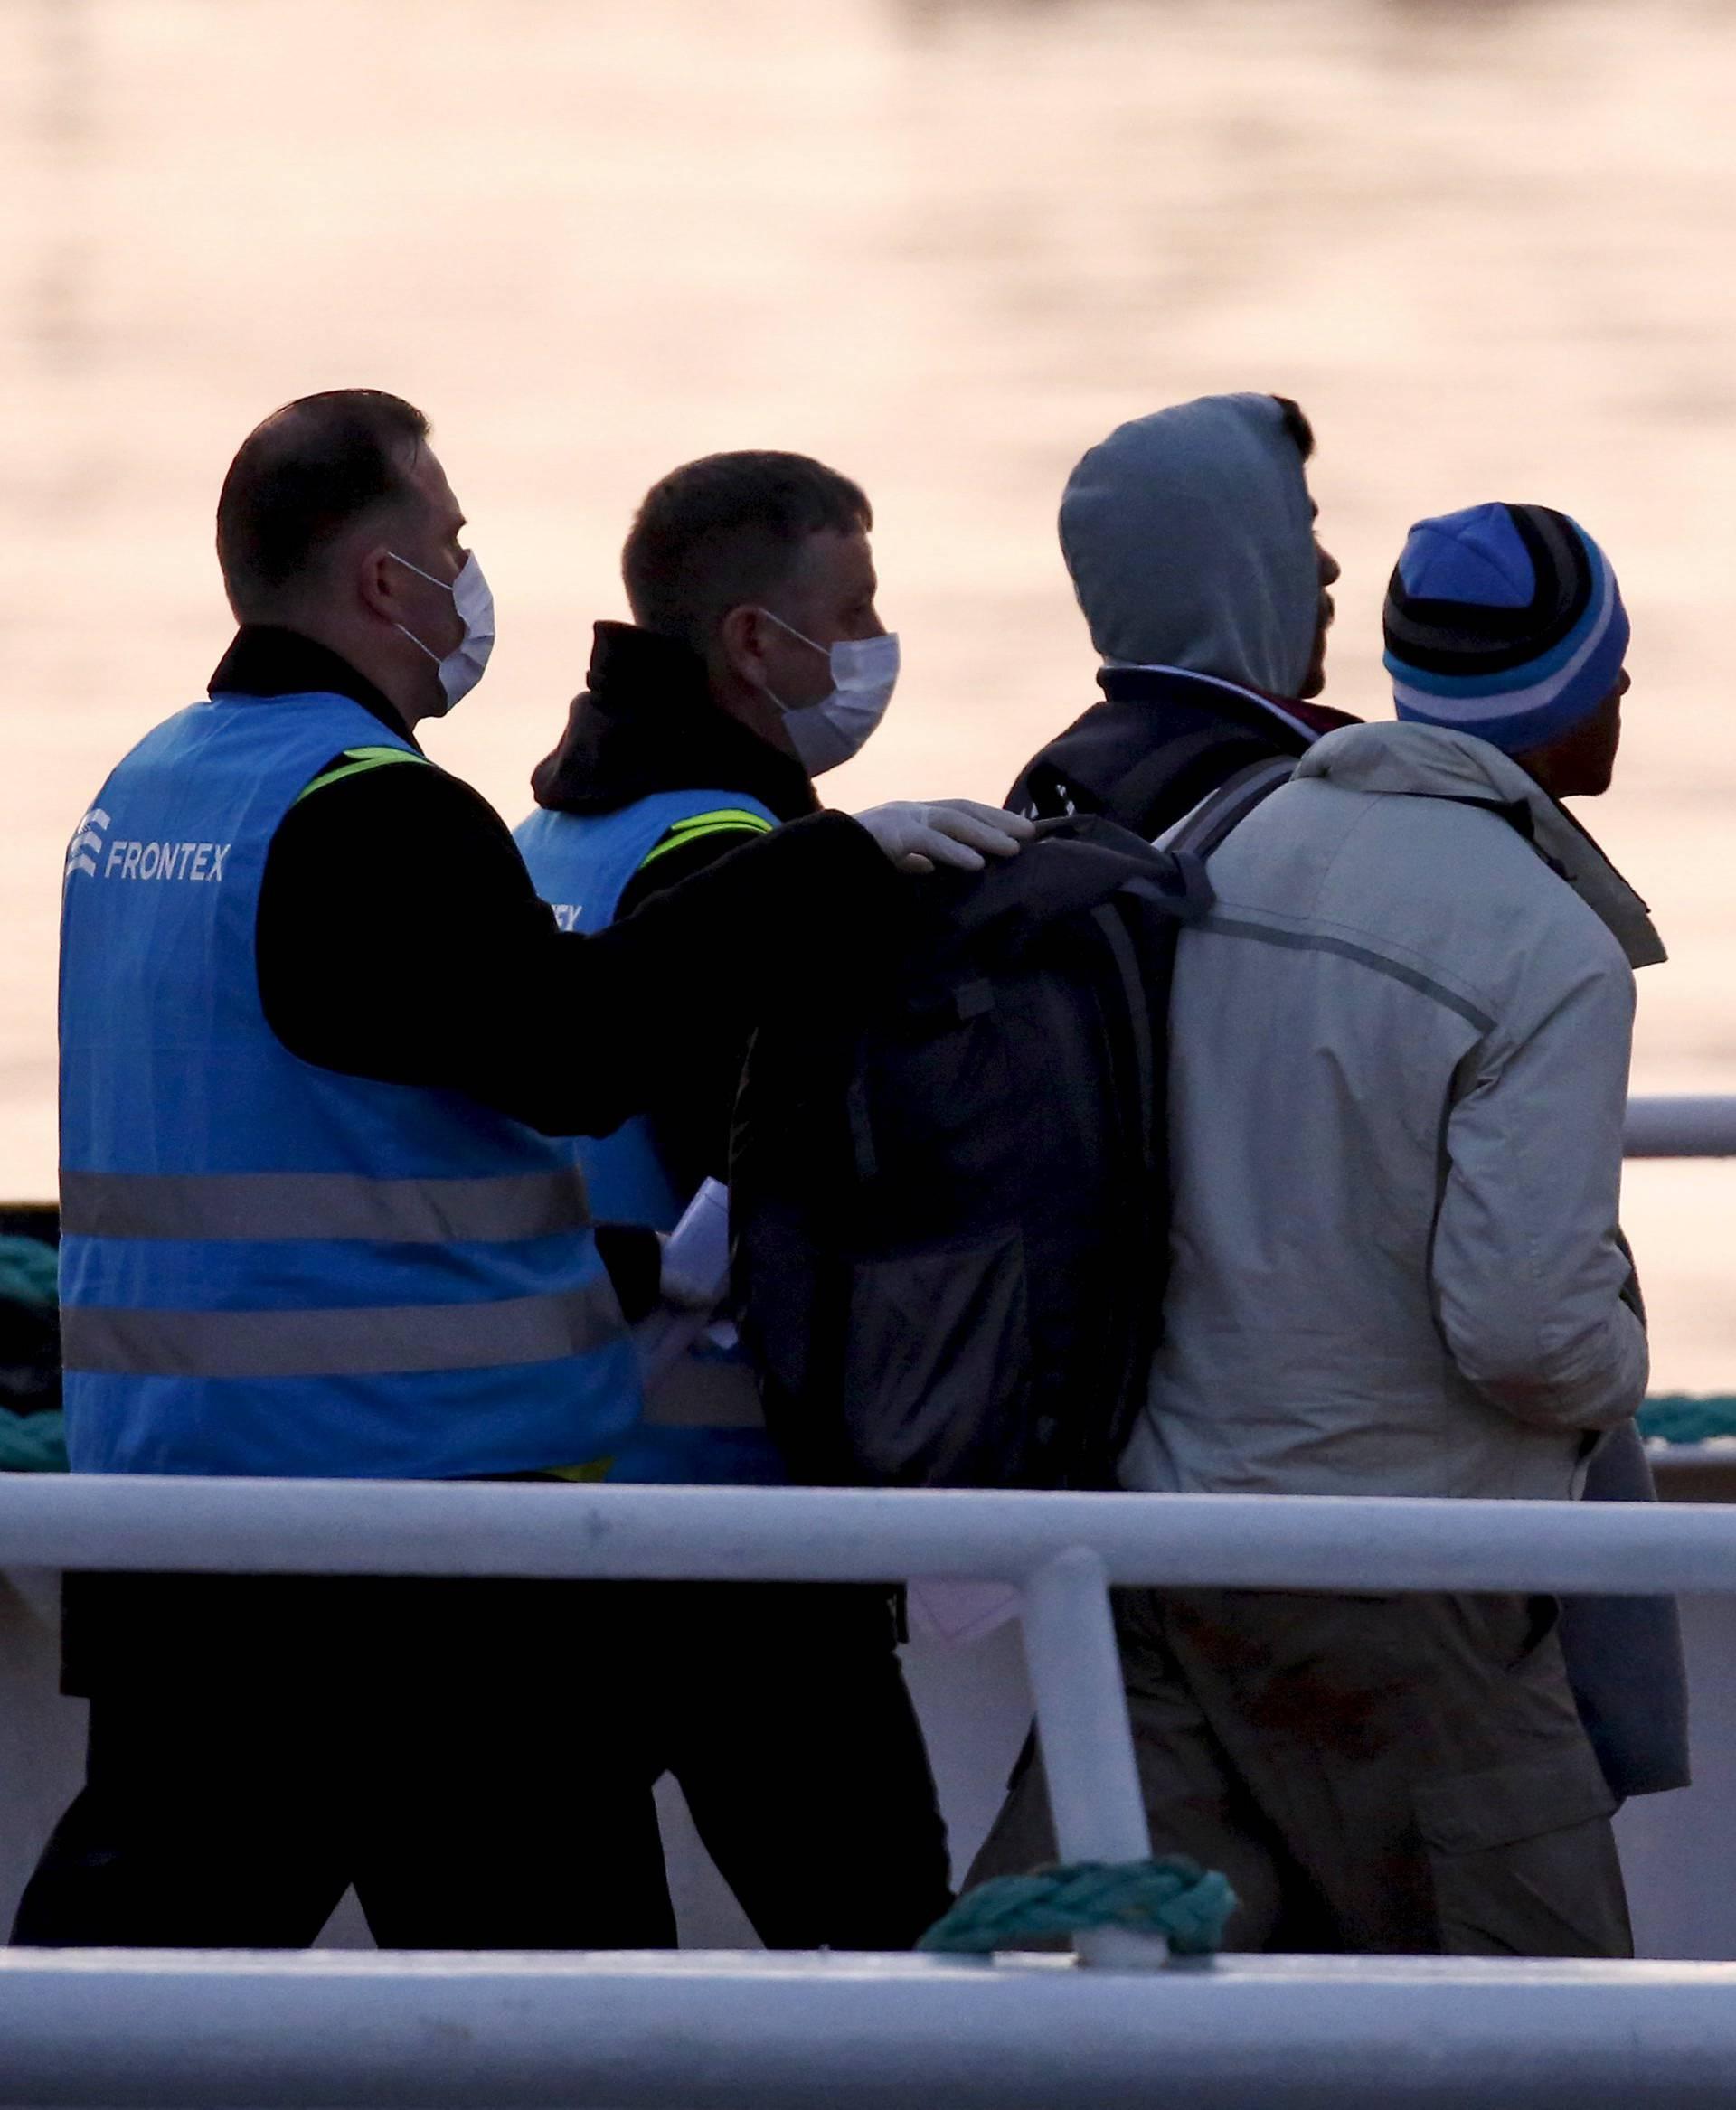 Nastavljaju deportaciju: Šalju migrante  iz Grčke u Tursku